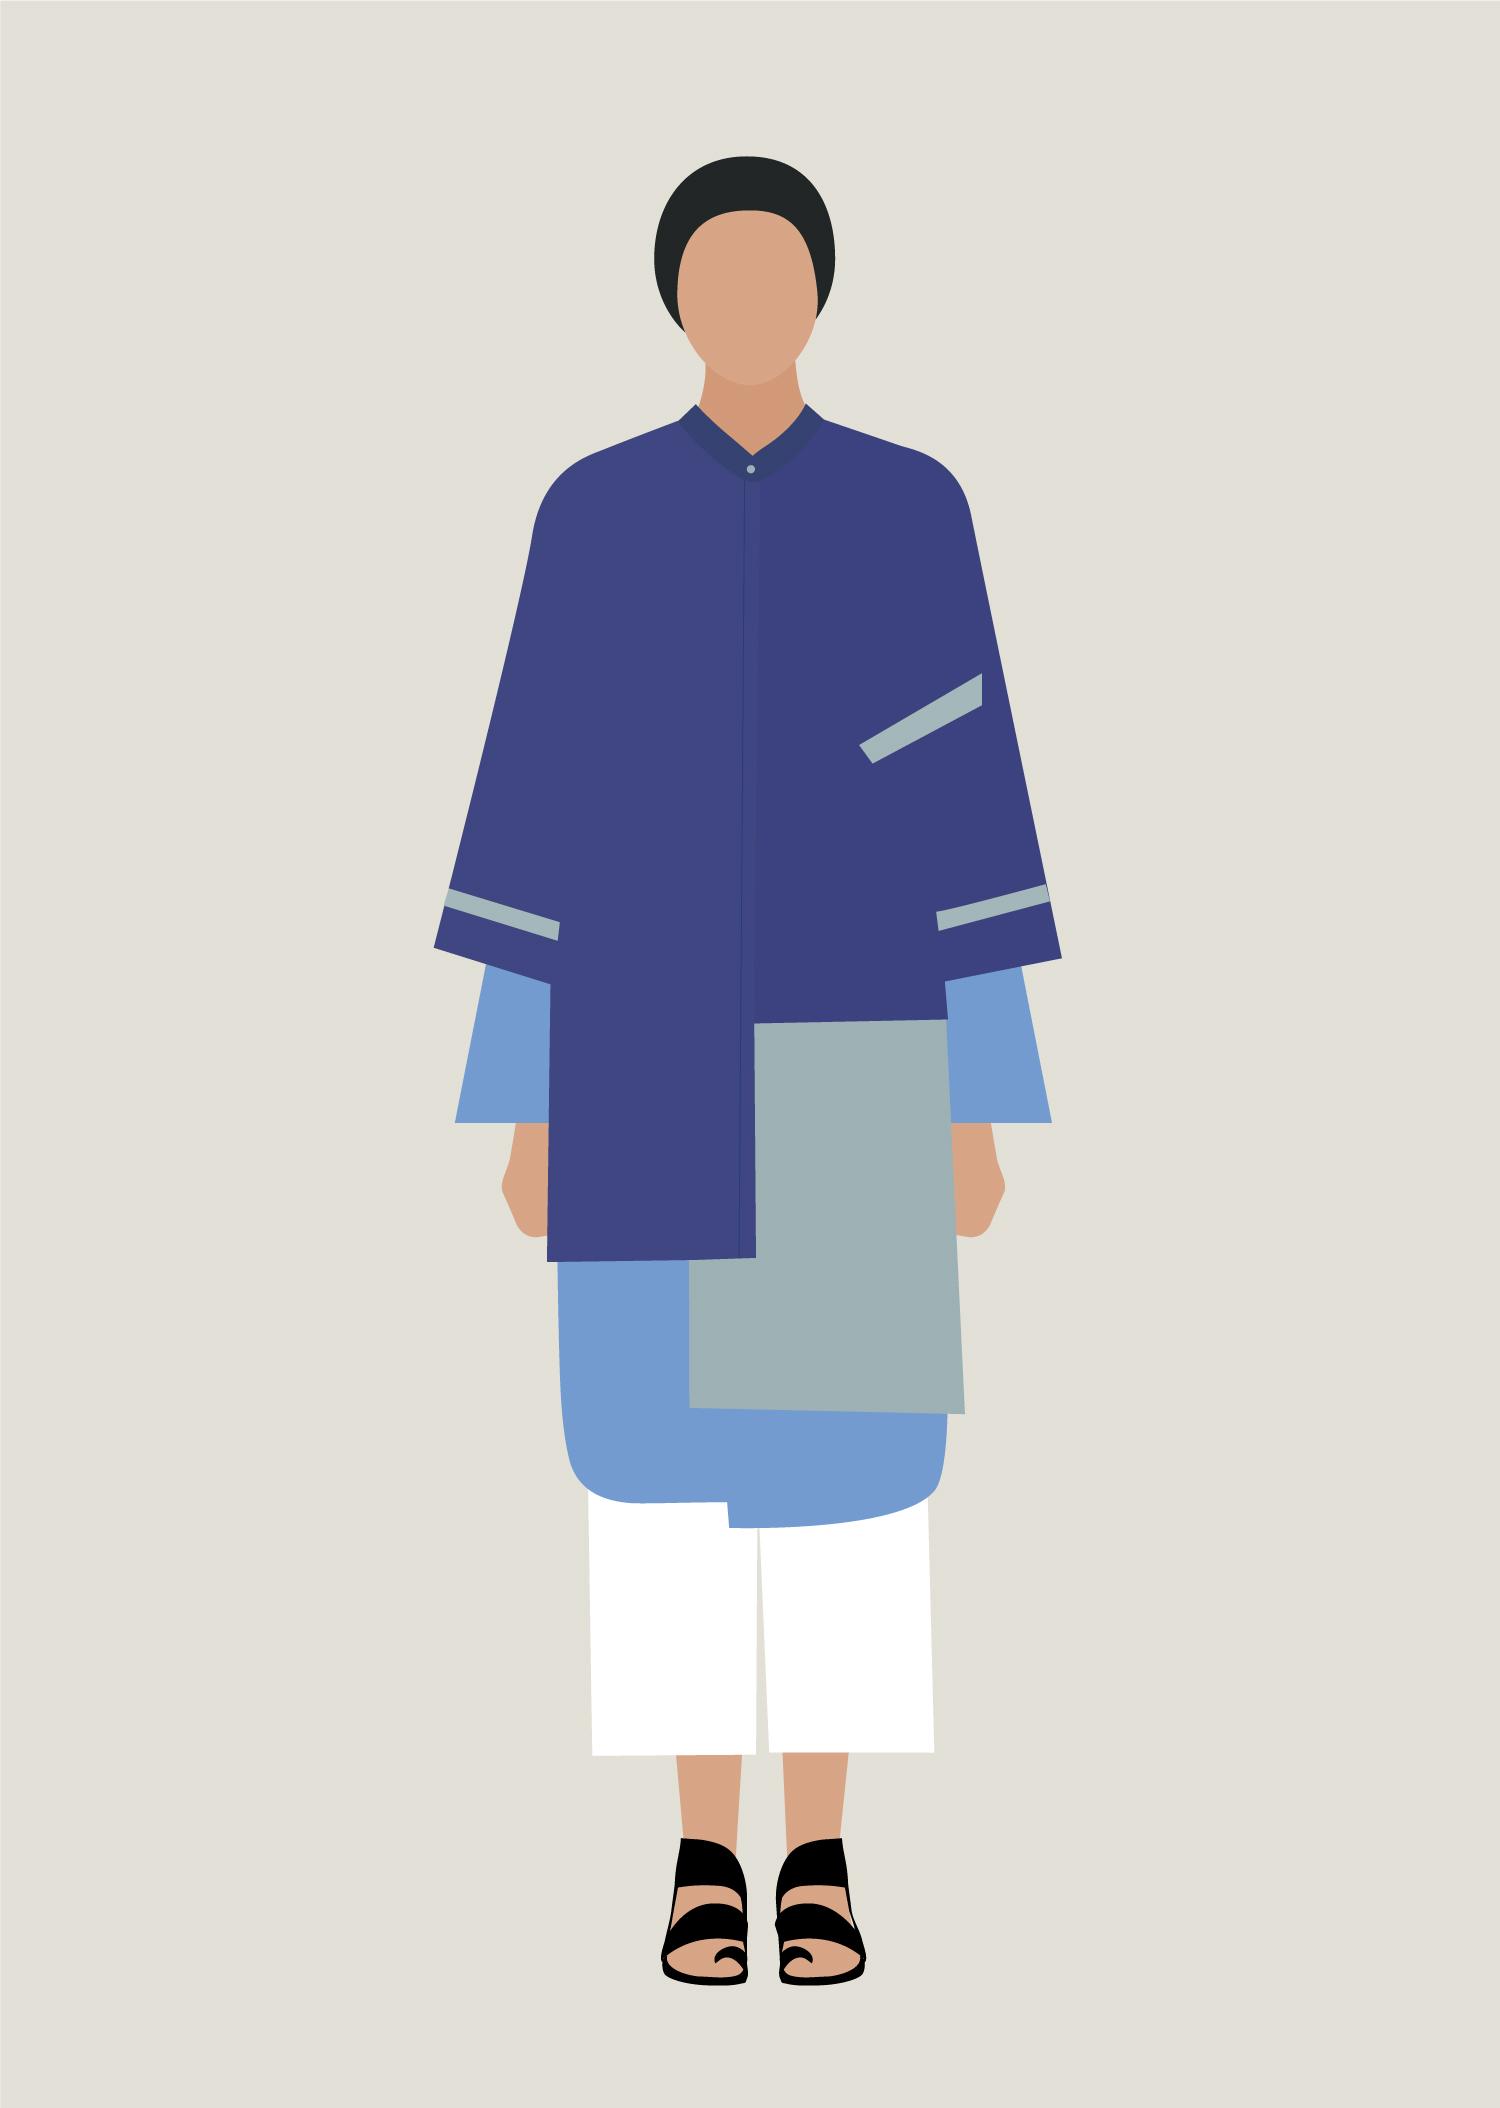 bound-shweta-malhotra-fashion-2.jpg